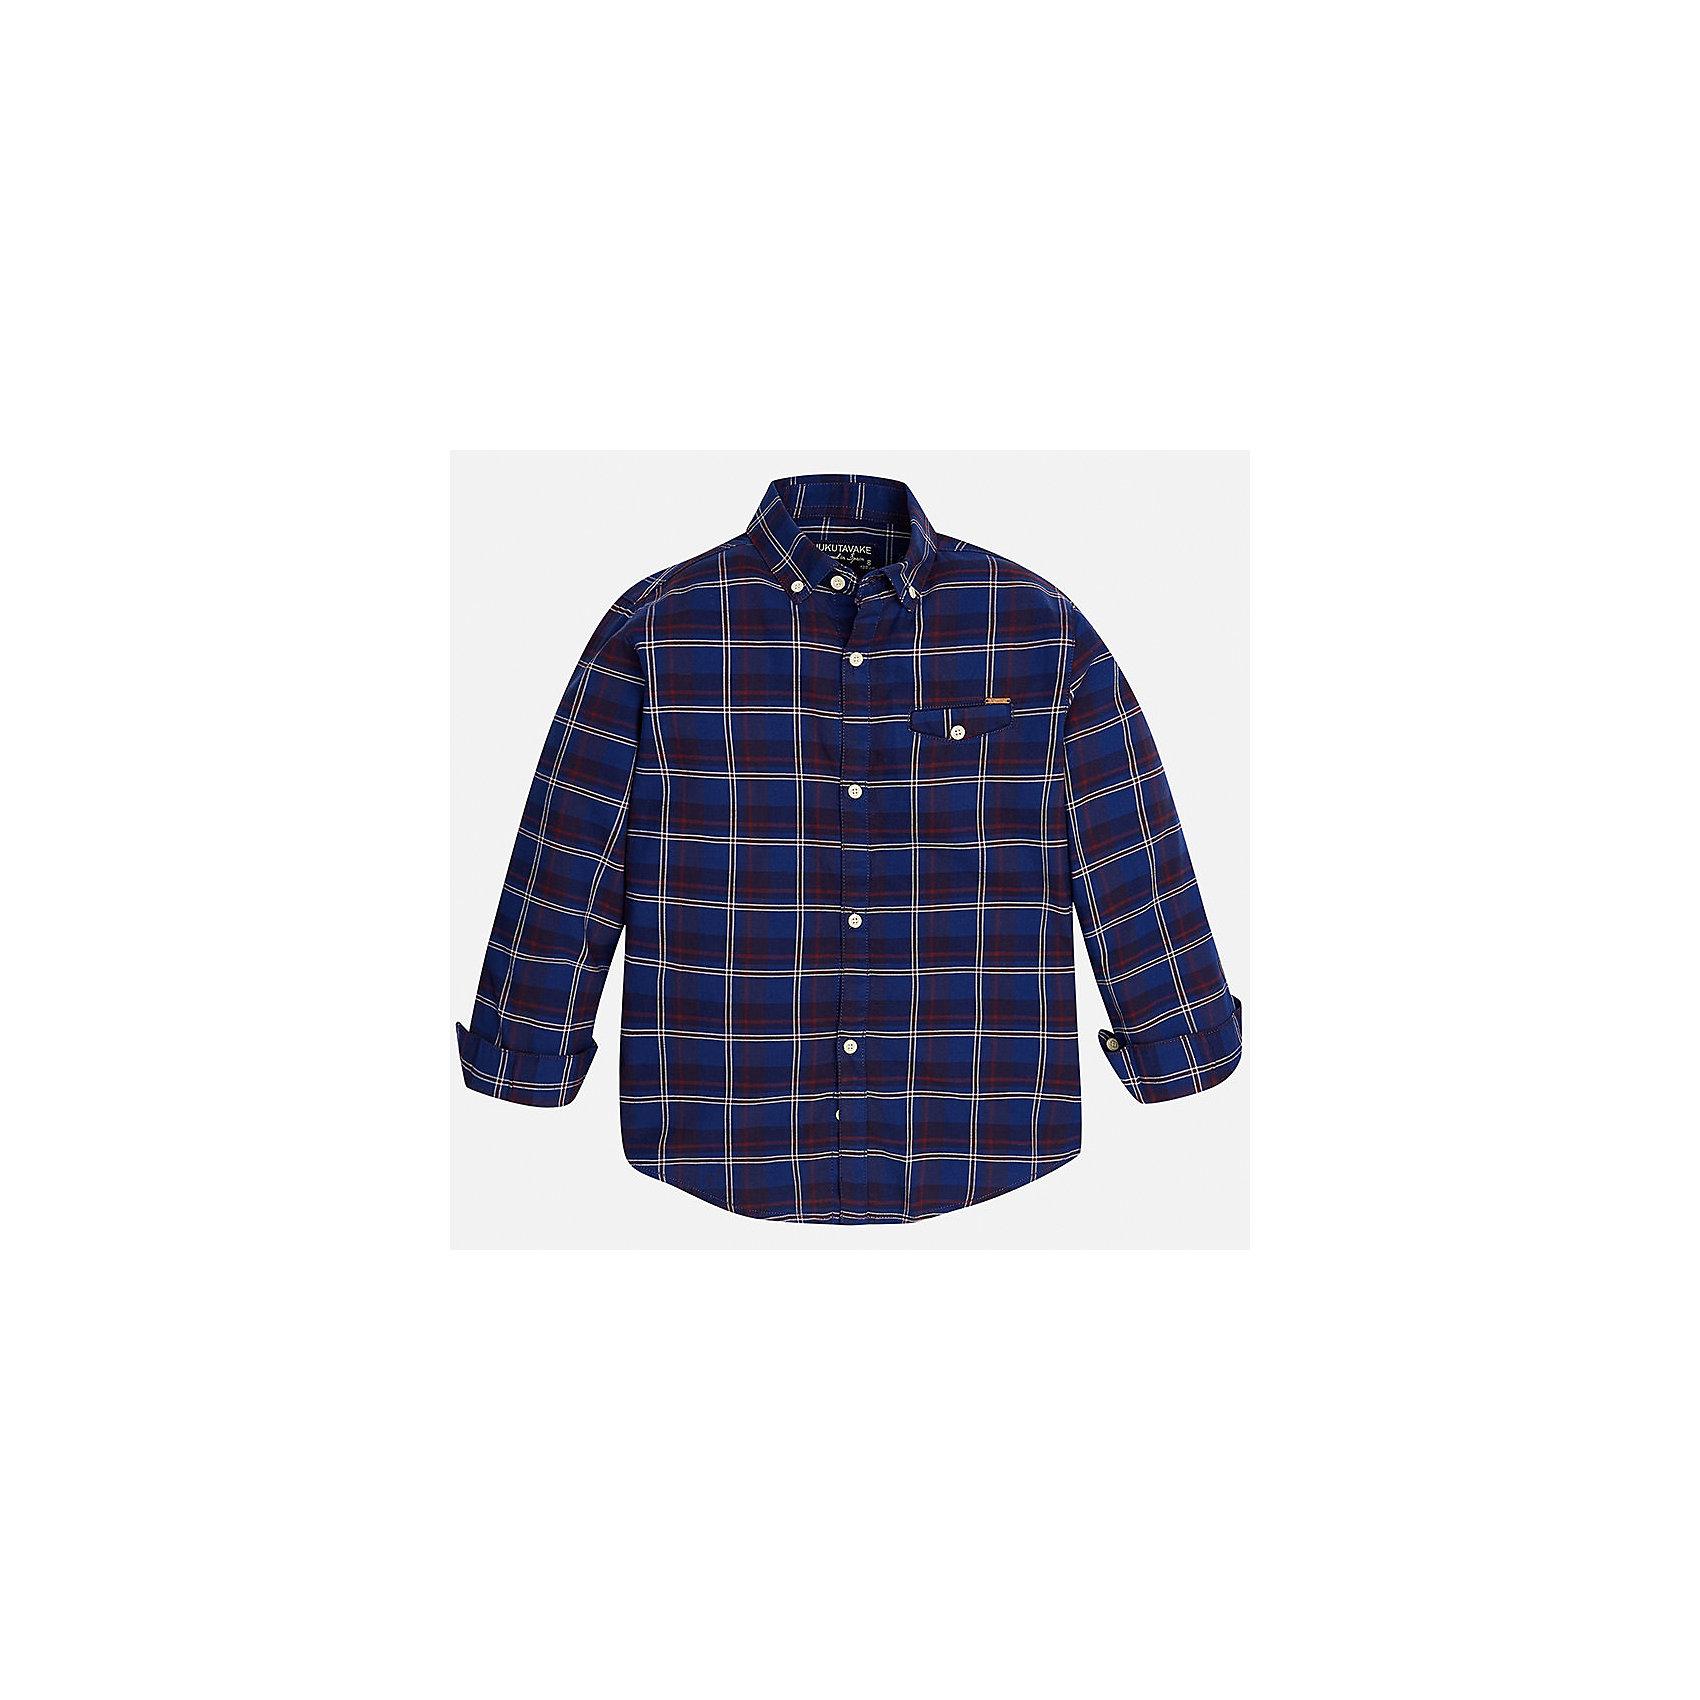 Рубашка для мальчика MayoralБлузки и рубашки<br>Характеристики товара:<br><br>• цвет: синий<br>• состав ткани: 100% хлопок<br>• сезон: демисезон<br>• особенности модели: школьная<br>• застежка: пуговицы<br>• длинные рукава<br>• страна бренда: Испания<br>• страна изготовитель: Индия<br><br>Клетчатая рубашка с длинным рукавом для мальчика Mayoral удобно сидит по фигуре. Легкая детская рубашка сделана из натуральной хлопковой ткани. Отличный способ обеспечить ребенку комфорт и аккуратный внешний вид - надеть детскую рубашку от Mayoral. Детская рубашка с длинным рукавом сшита из приятного на ощупь материала. <br><br>Рубашку для мальчика Mayoral (Майорал) можно купить в нашем интернет-магазине.<br><br>Ширина мм: 174<br>Глубина мм: 10<br>Высота мм: 169<br>Вес г: 157<br>Цвет: синий<br>Возраст от месяцев: 168<br>Возраст до месяцев: 180<br>Пол: Мужской<br>Возраст: Детский<br>Размер: 170,128/134,140,152,158,164<br>SKU: 6933619